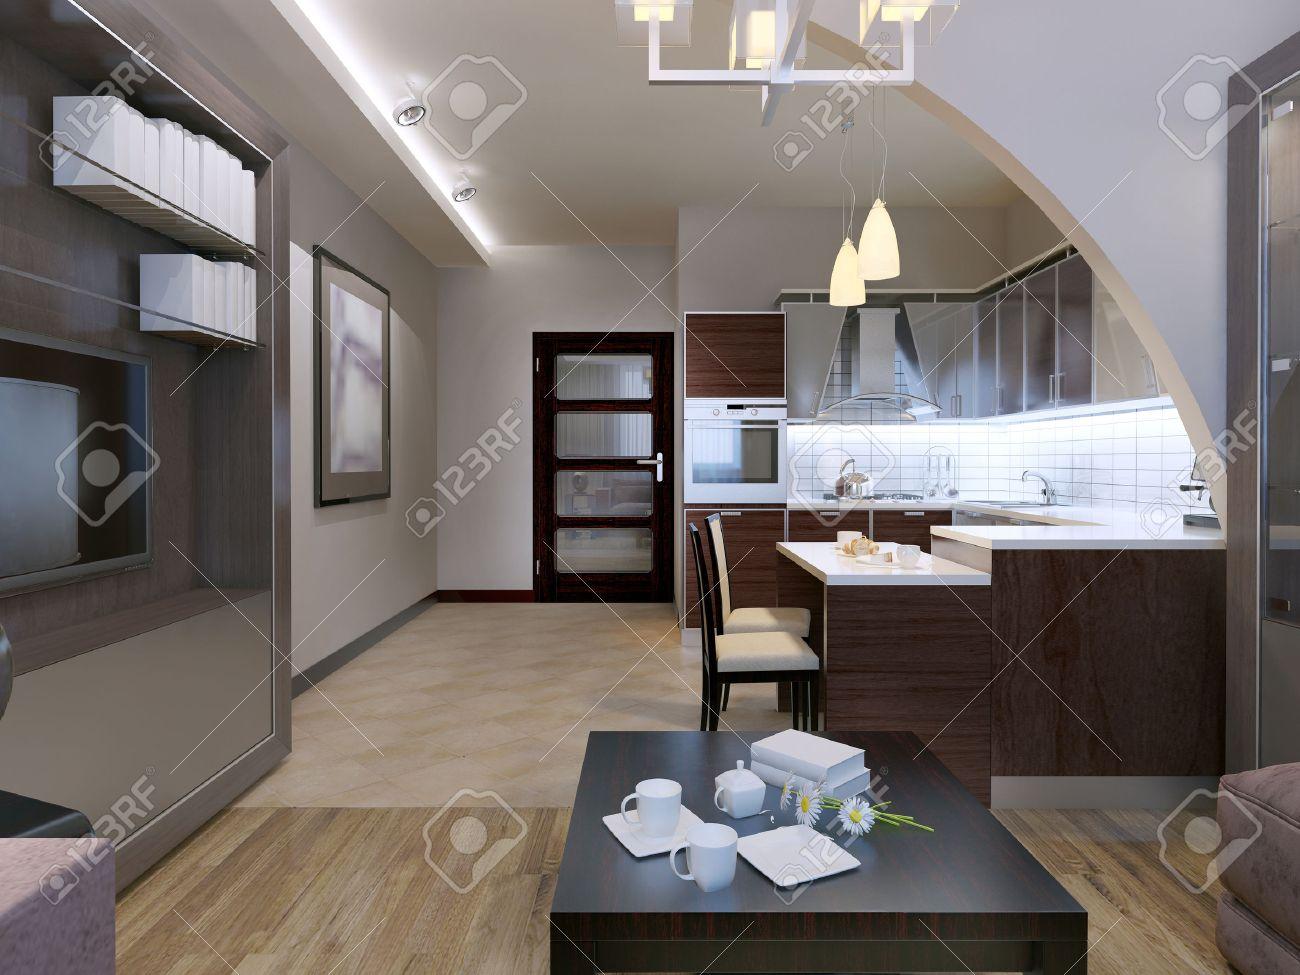 Cuisine Séparée Du Salon studio design contemporain. cuisine avec salon séparé avec une belle, mais  simple arc. plancher mixte et des murs blancs. lampes de plafond de néon.